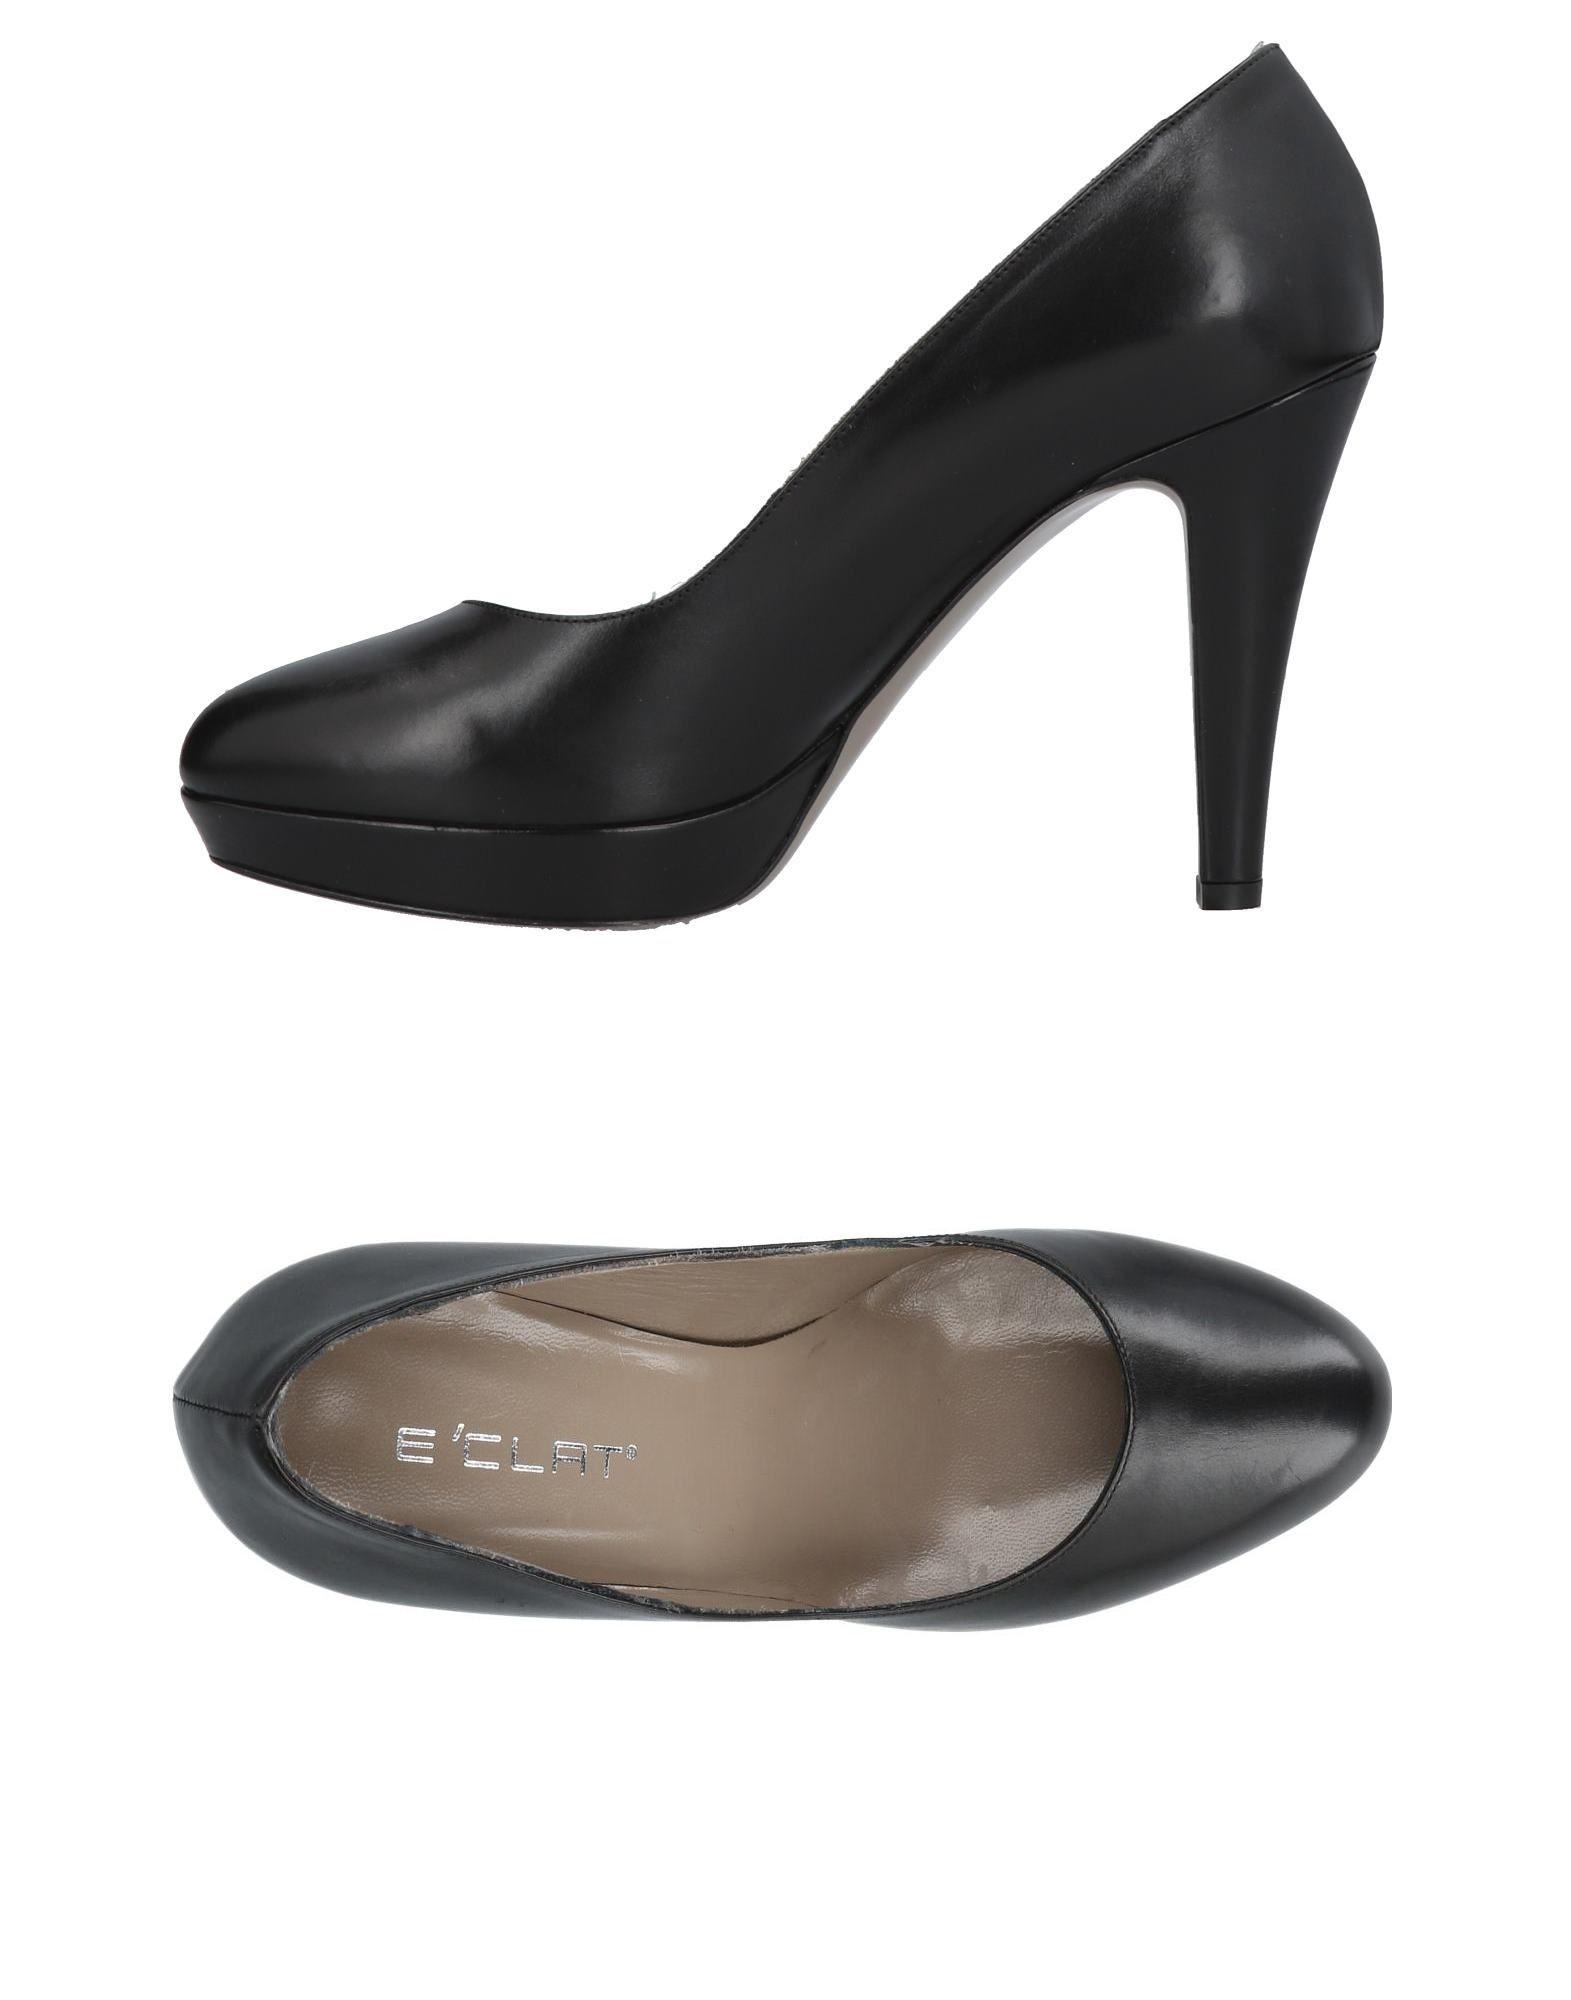 Zapatos casuales salvajes Zapato De Salón Salón De E'clat Mujer - Salones E'clat  Negro 00e3a6